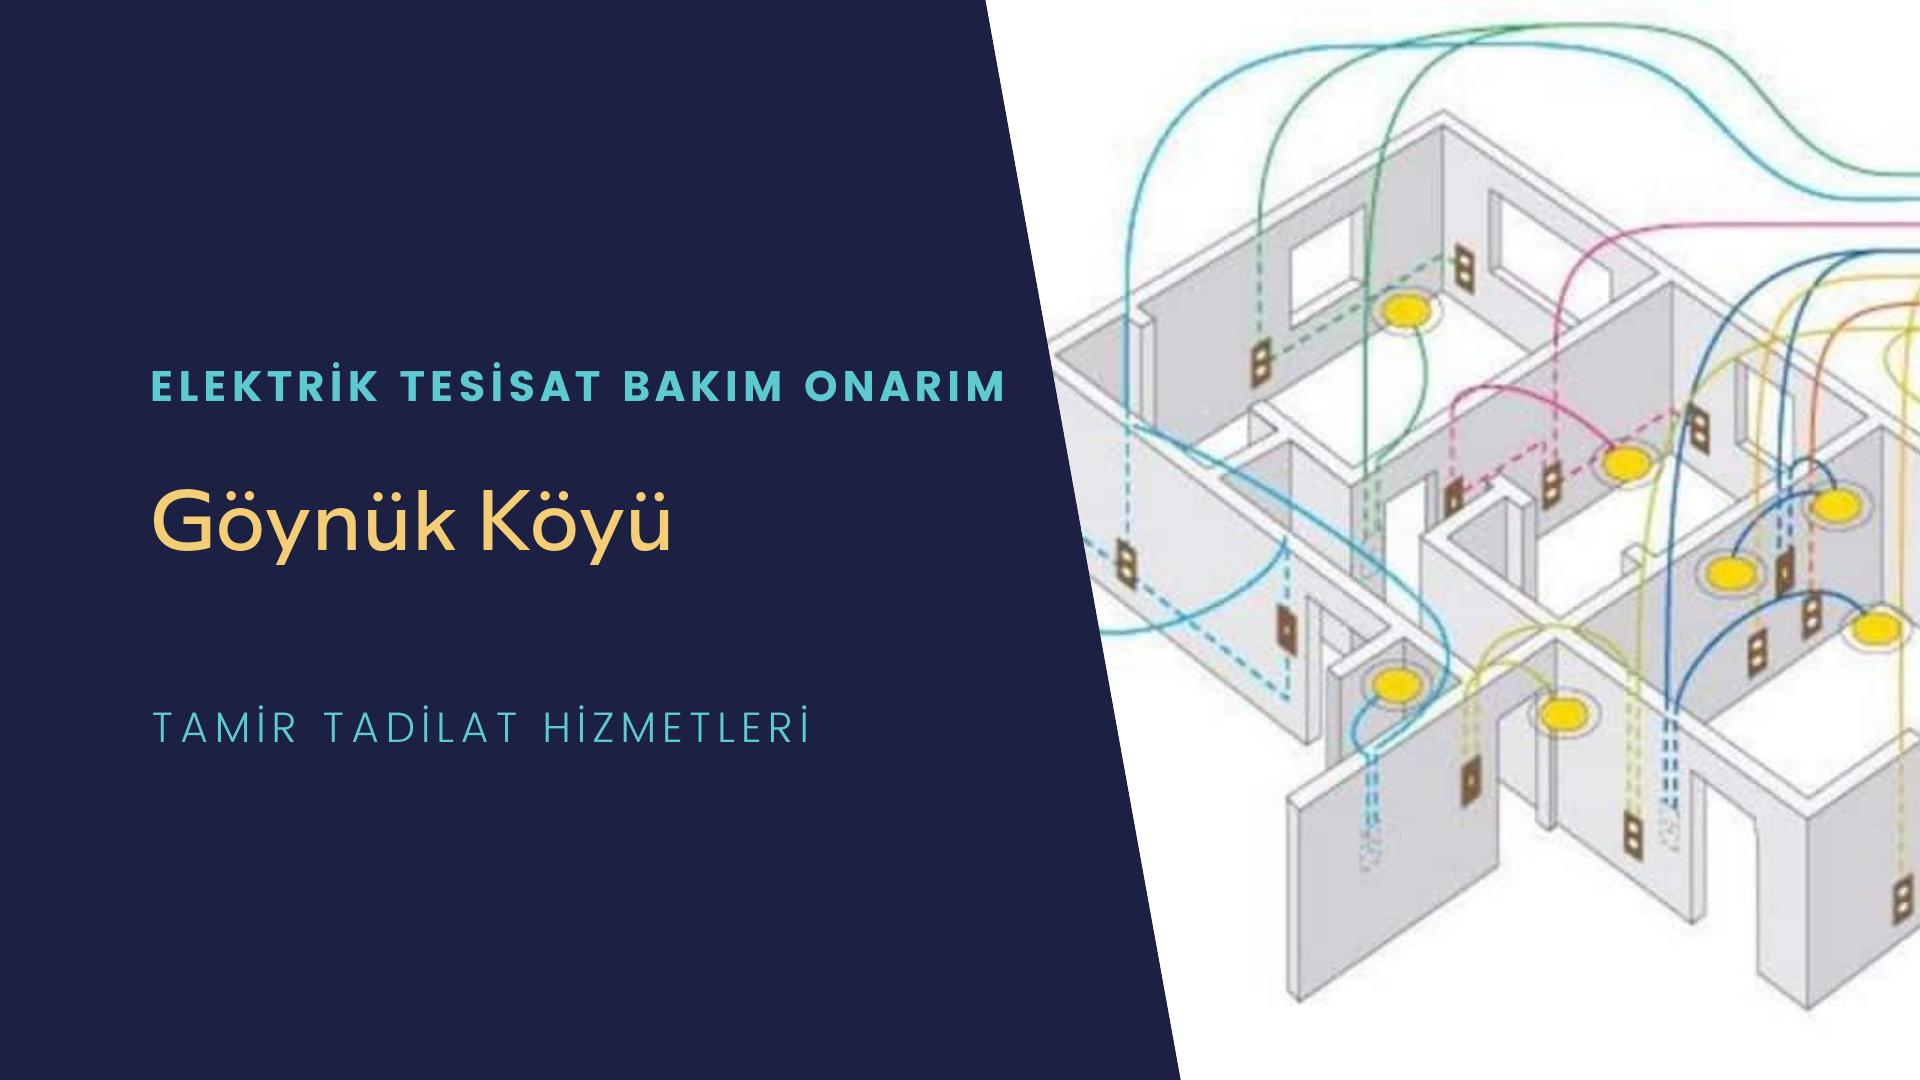 Göynük Köyü  elektrik tesisatıustalarımı arıyorsunuz doğru adrestenizi Göynük Köyü elektrik tesisatı ustalarımız 7/24 sizlere hizmet vermekten mutluluk duyar.